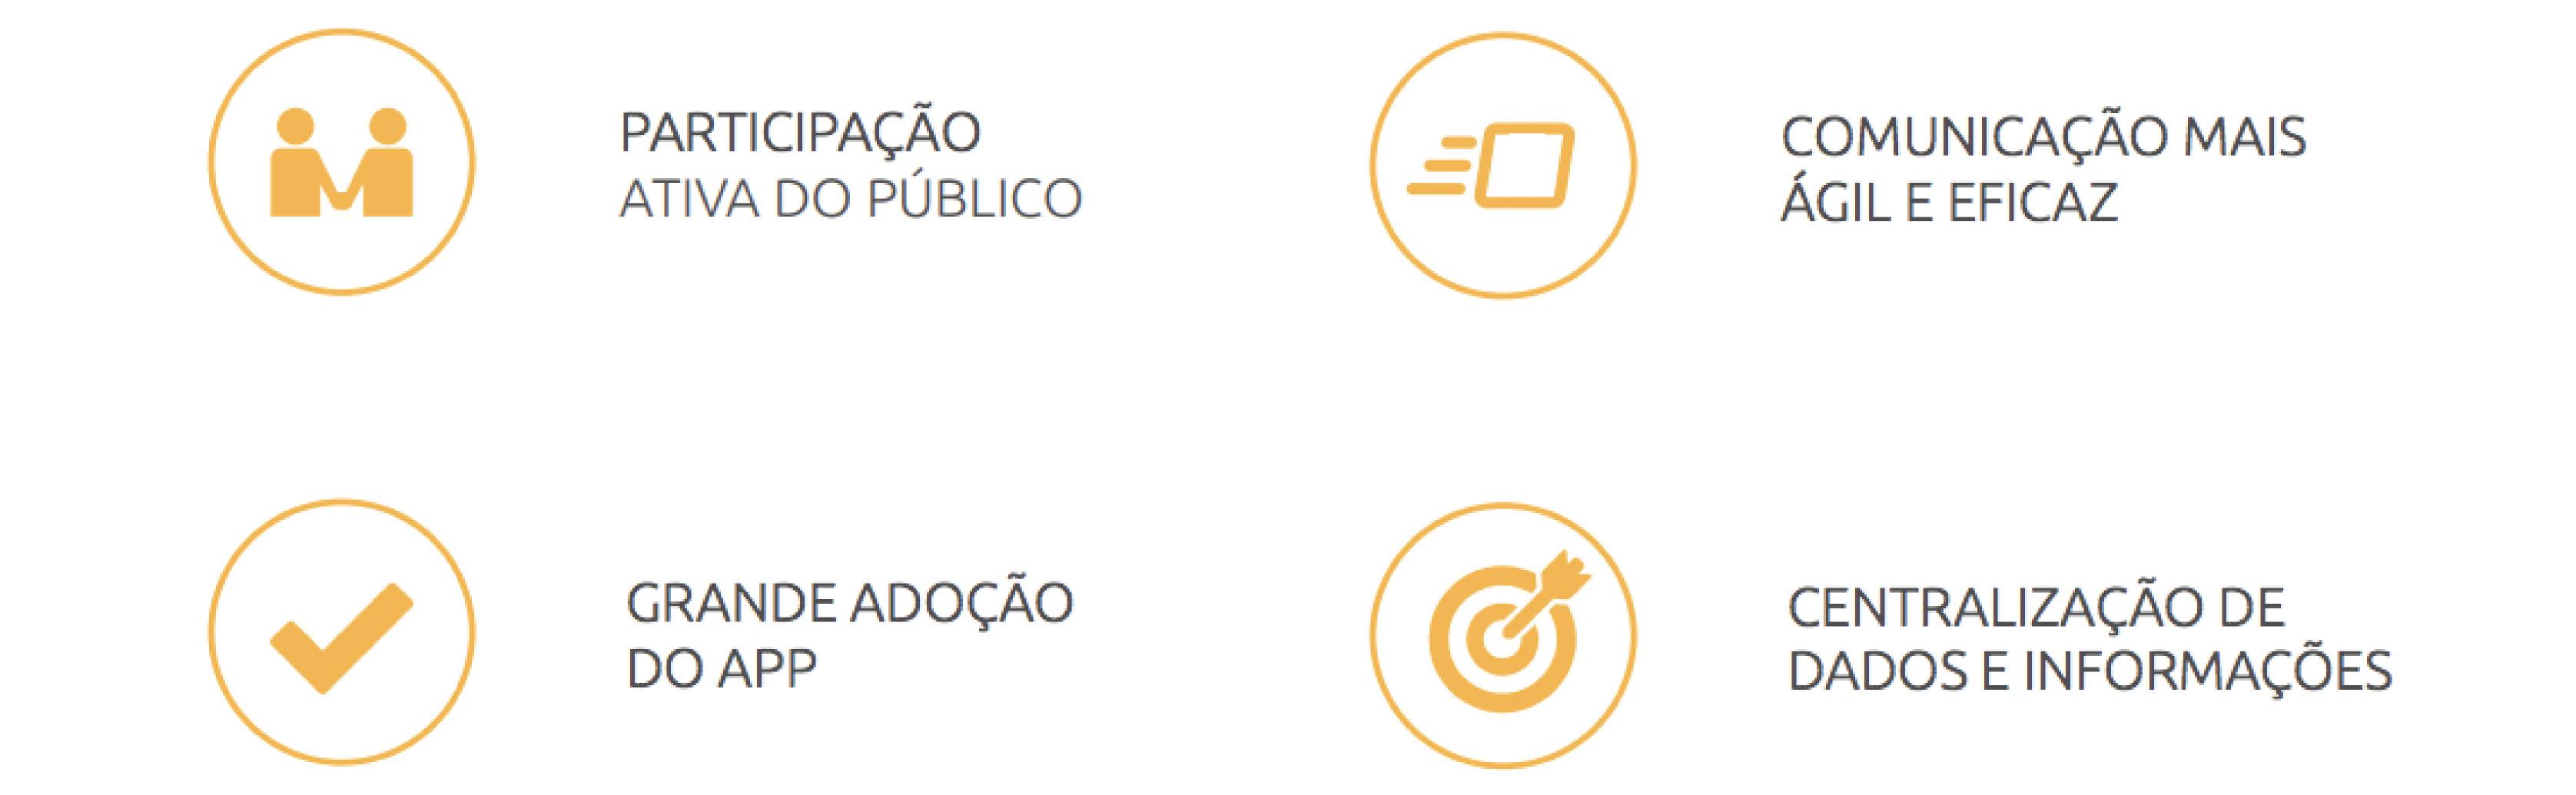 imagem-representando-a-participação-ativa-do-público-e-demais-tópicos